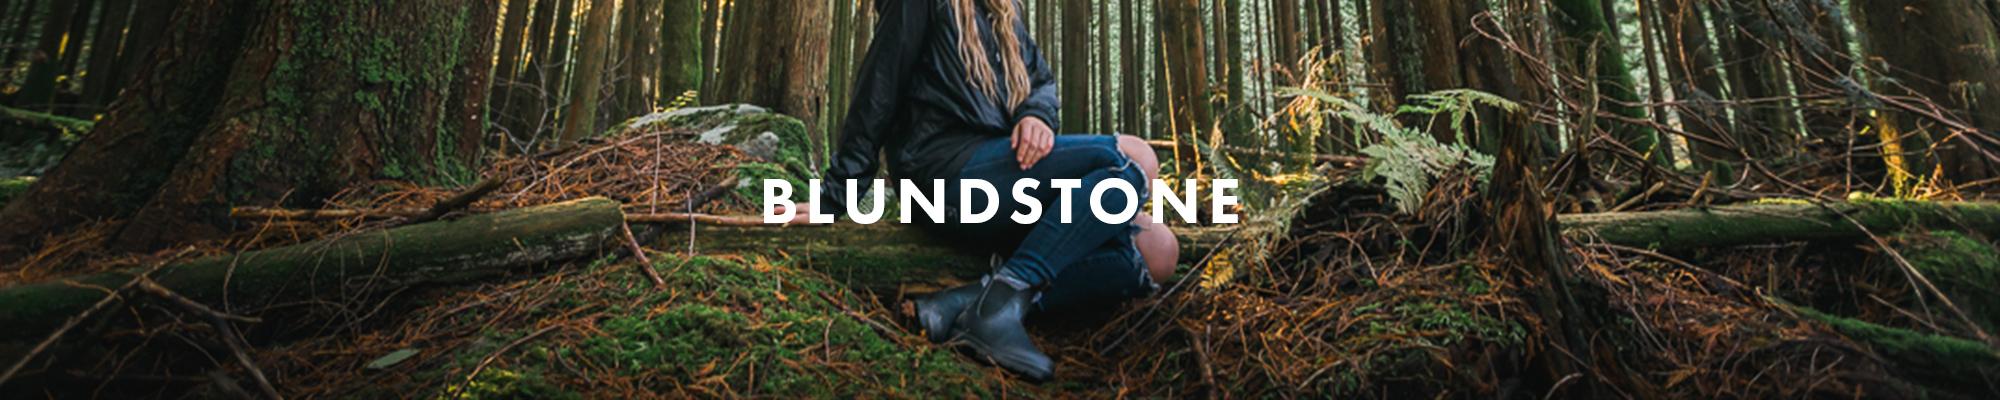 Blundstones Banner.jpg